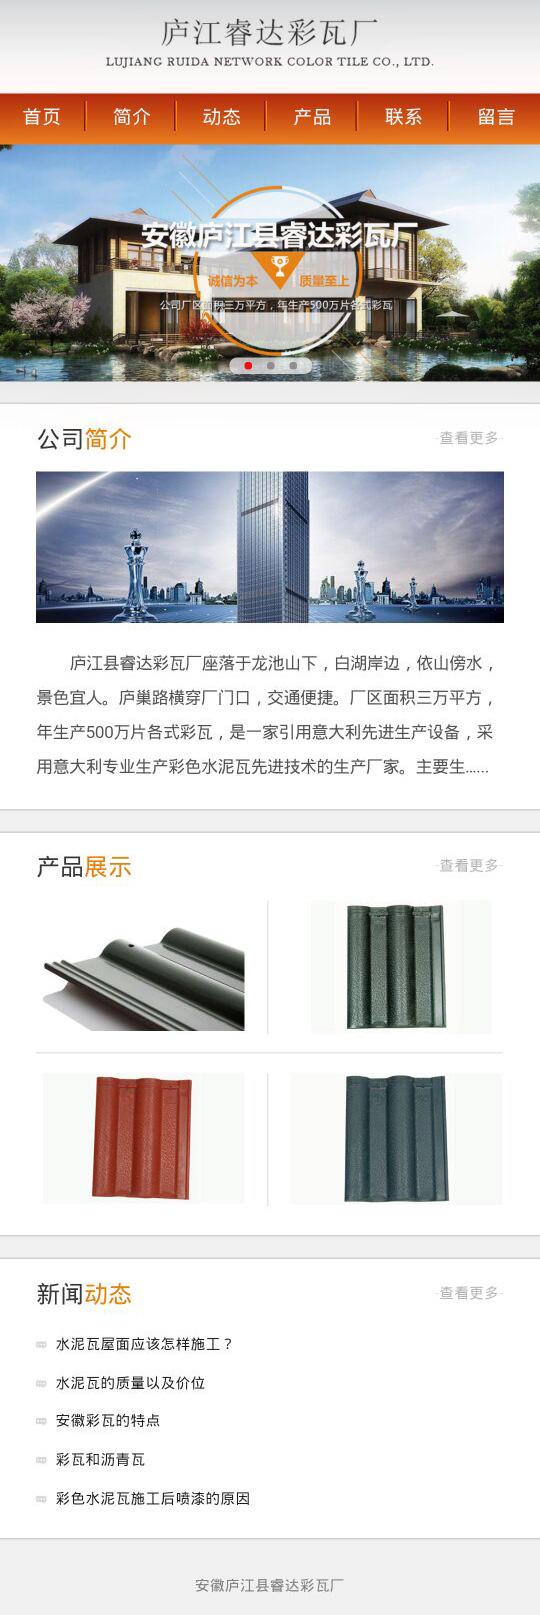 雷火电竞苹果app-雷火电竞入口-雷火电竞竞猜平台